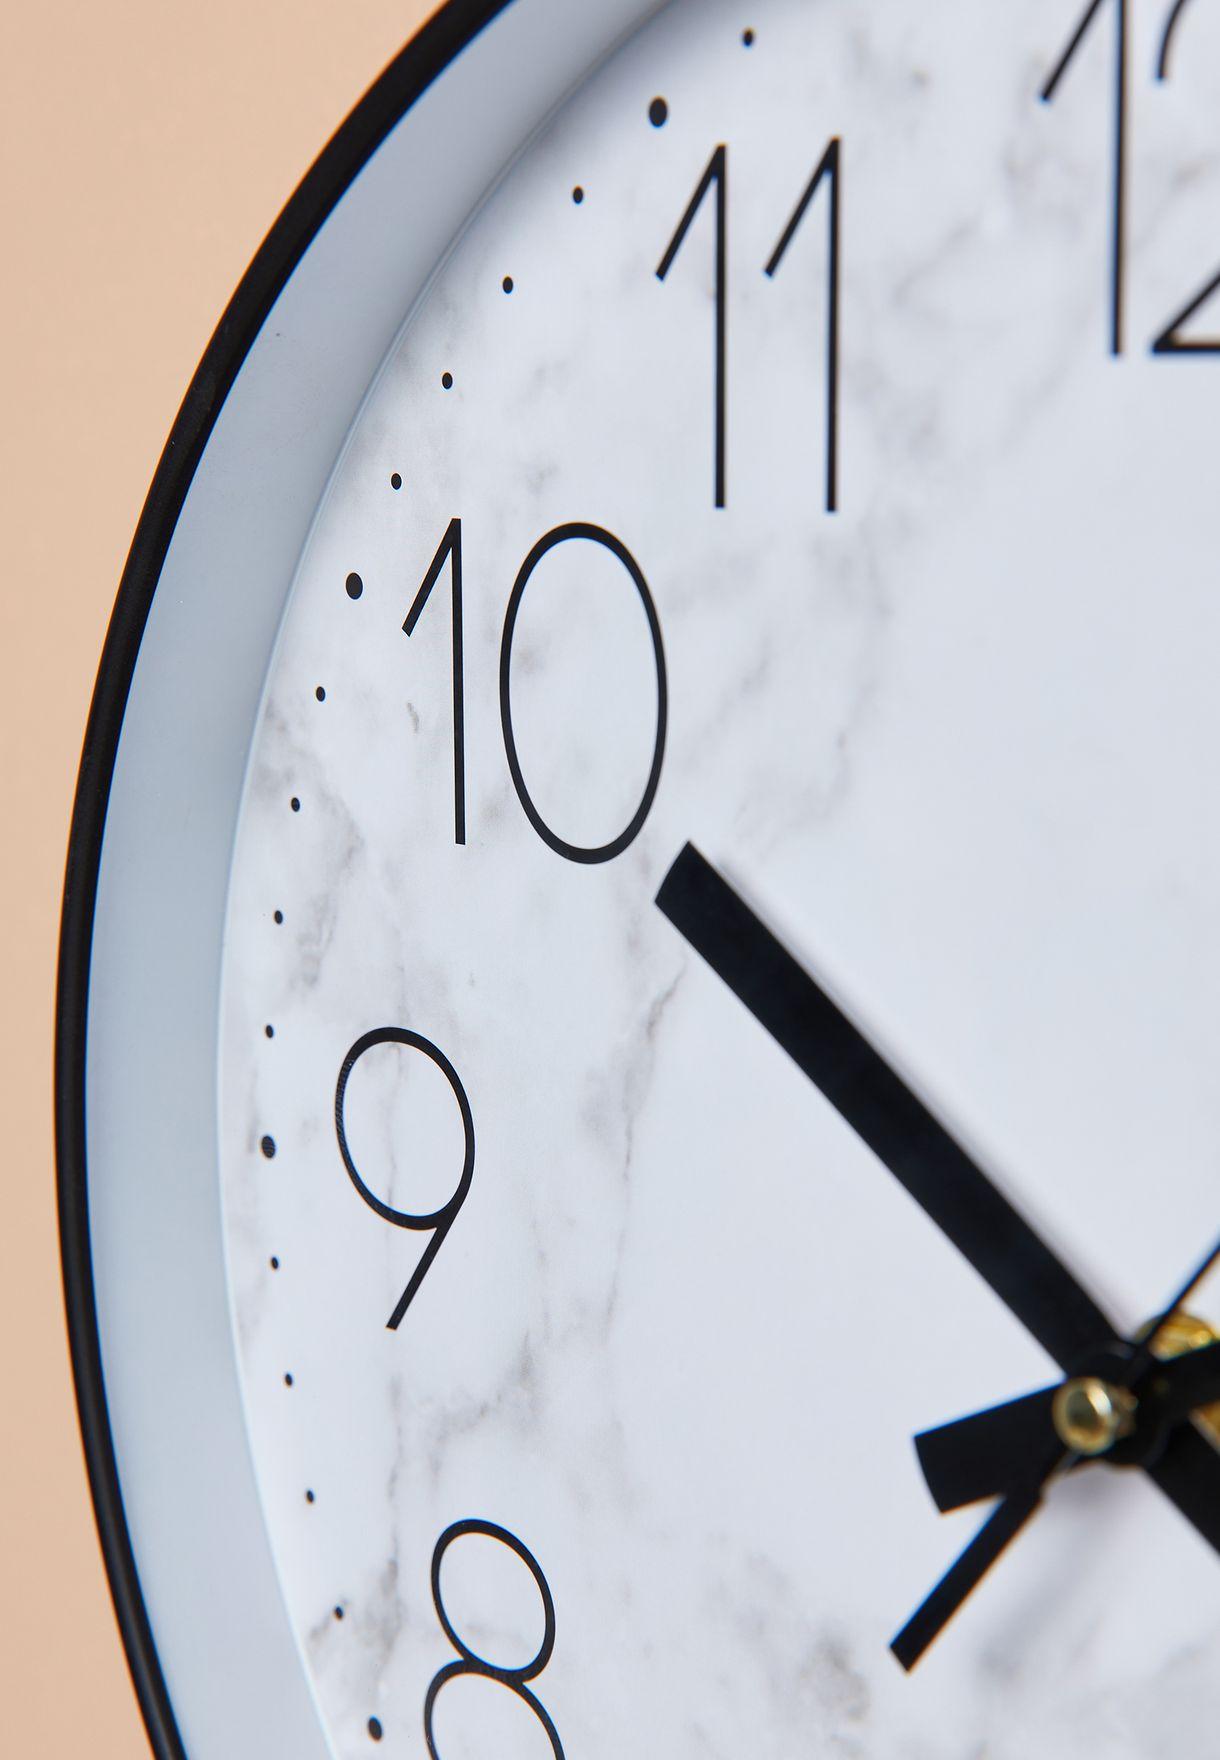 ساعة حائط رخامية